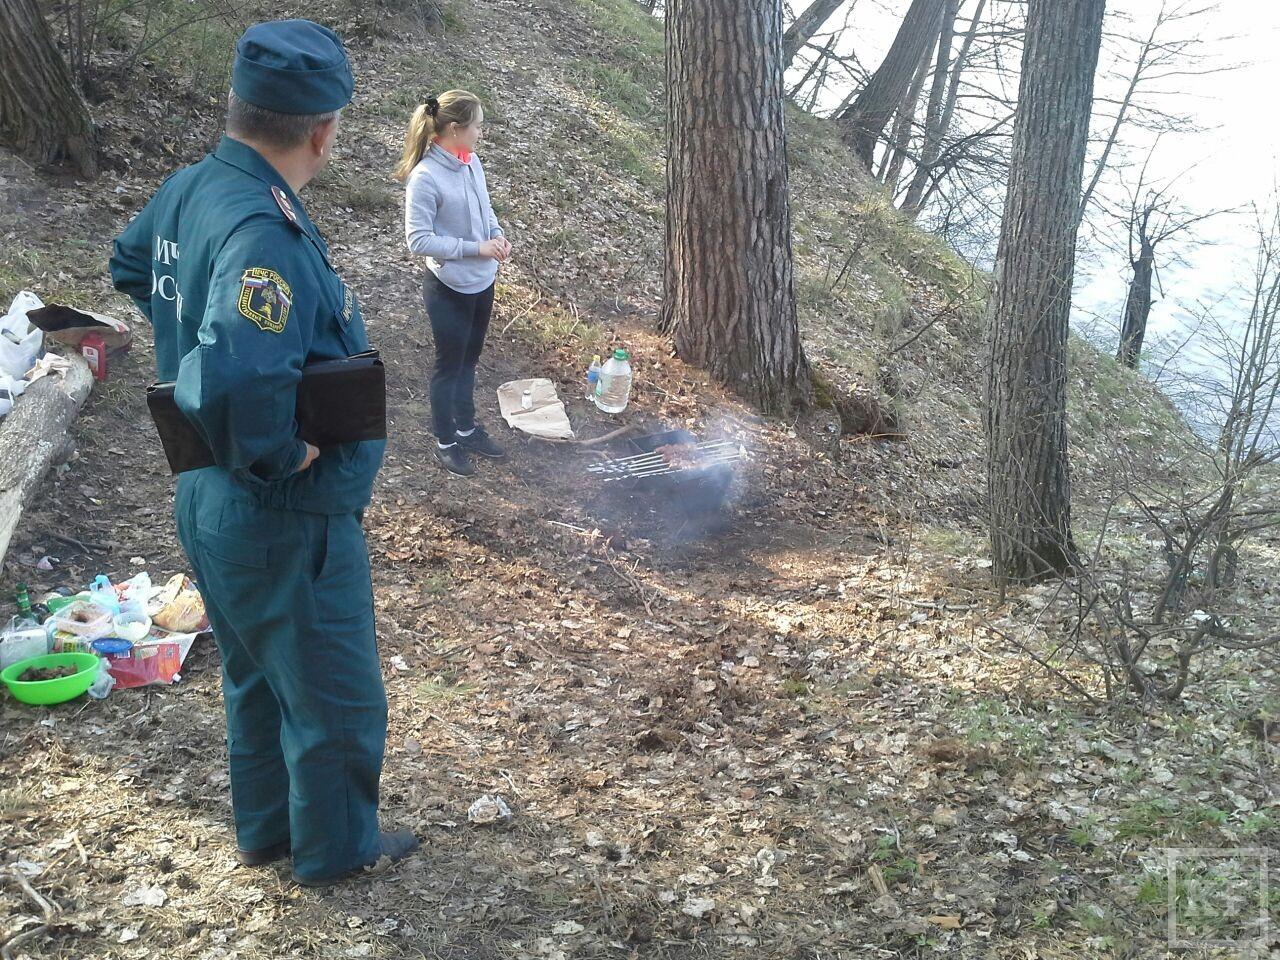 До 5 сентября в лесах Брянской области ввели особый противопожарный режим